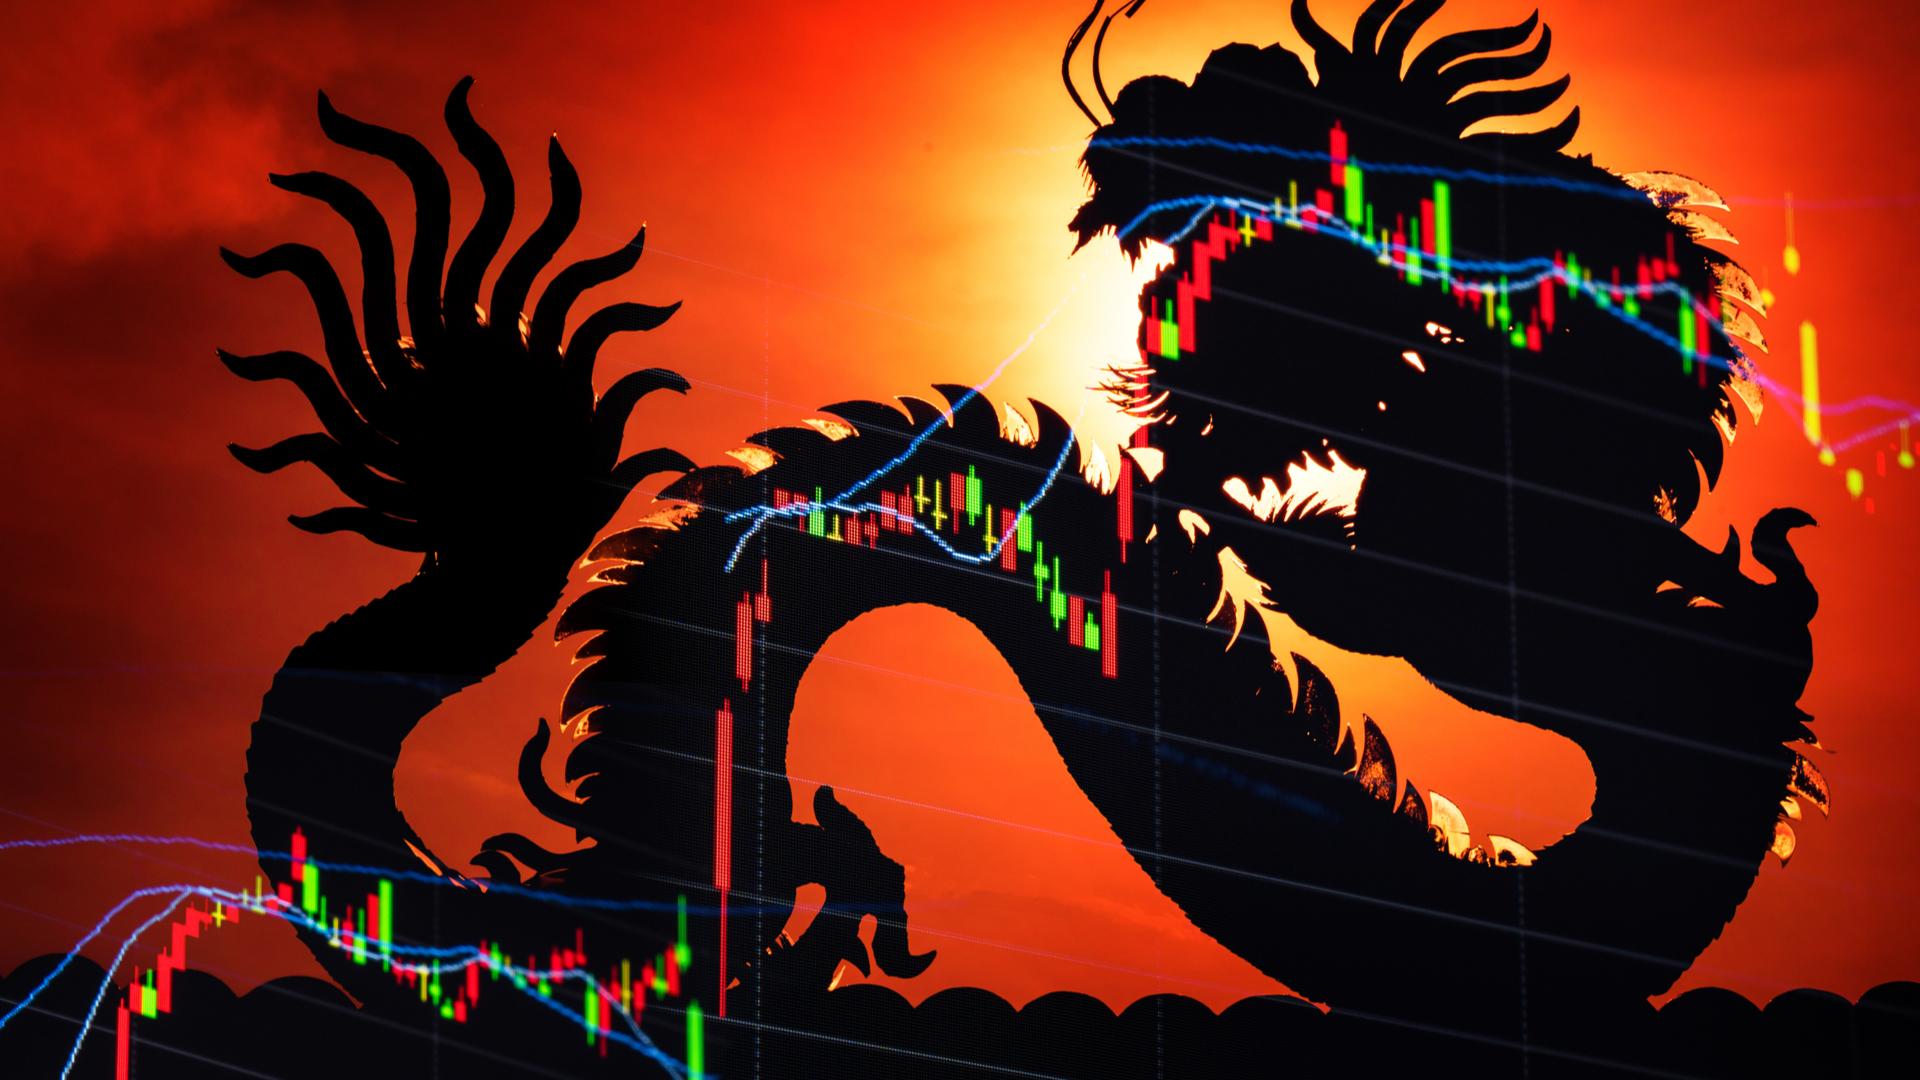 Kina skor seg godt godt på pandemien